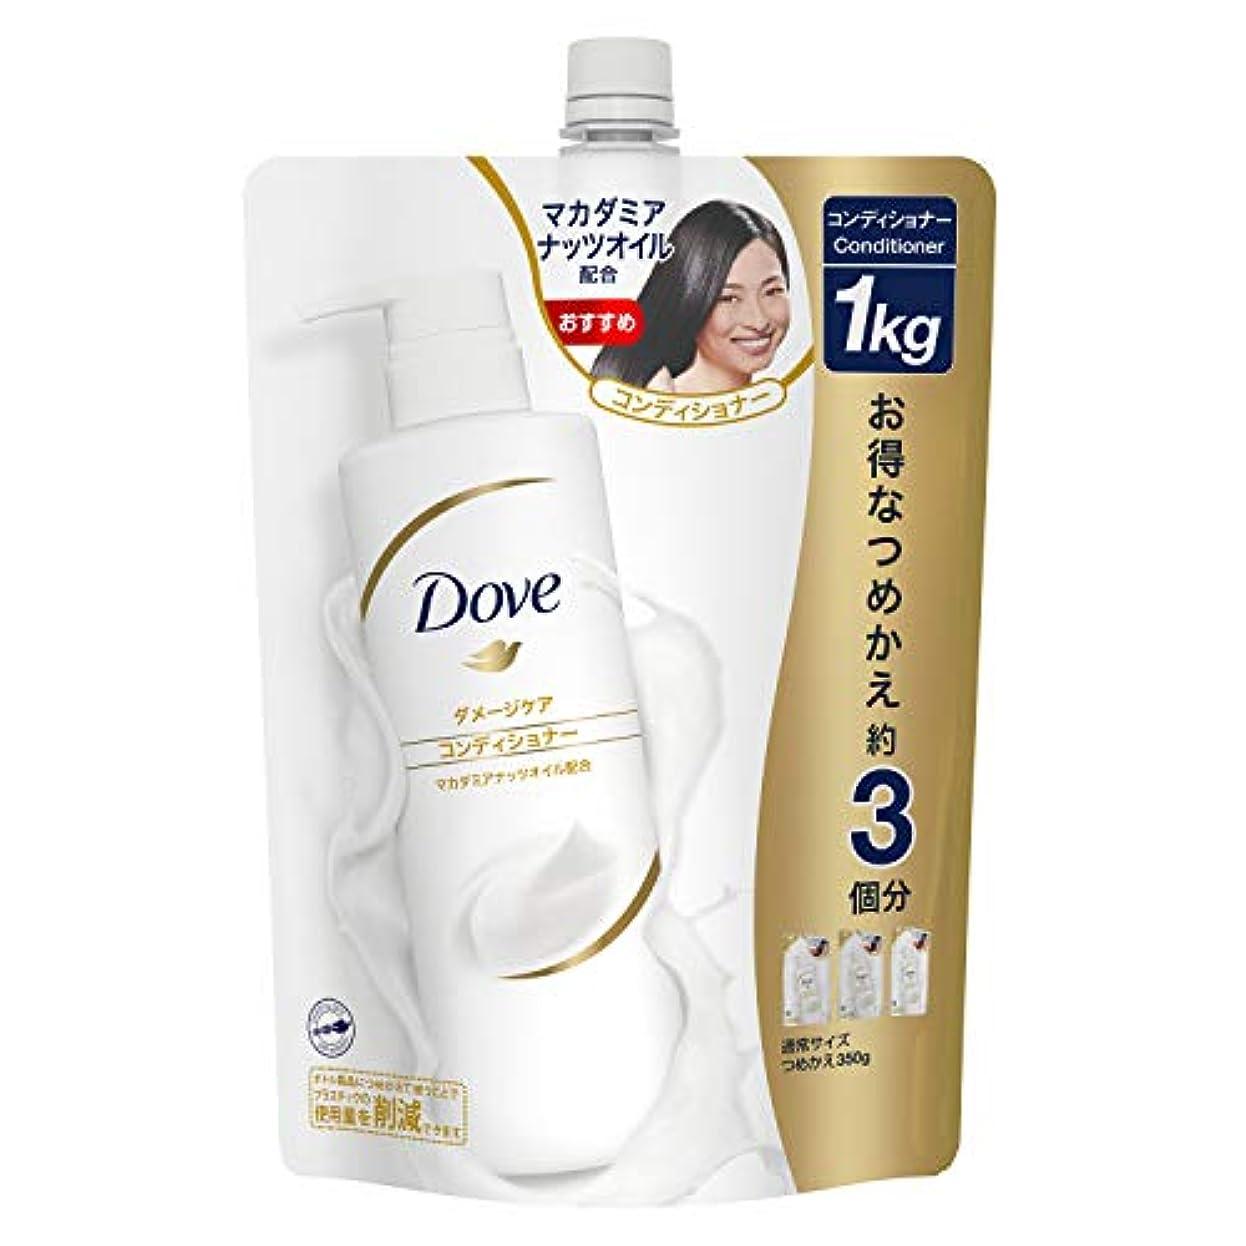 柔らかい足喜ぶ負荷【大容量】 Dove ダヴ ダメージケア コンディショナー つめかえ用 1kg